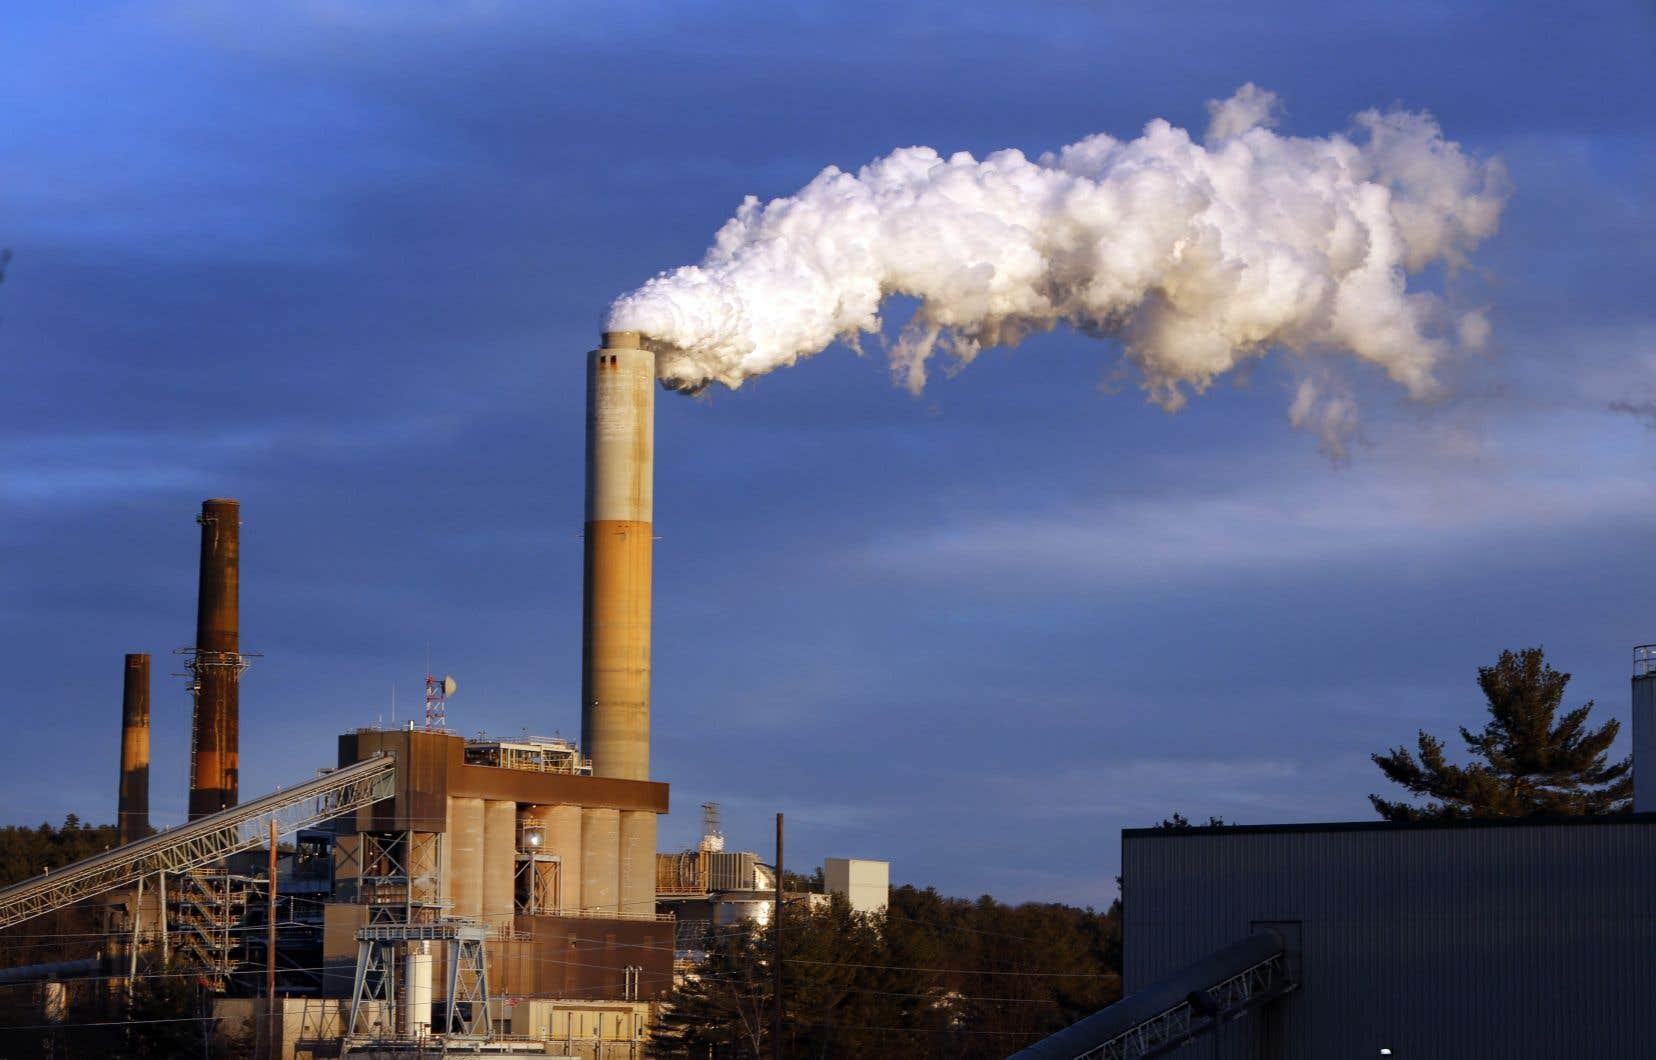 La poursuite vise aussi la Western Climate Initiative (WCI), qui consiste en un regroupement d'États américains et de provinces canadiennes qui souhaitent créer un marché nord-américain du carbone.